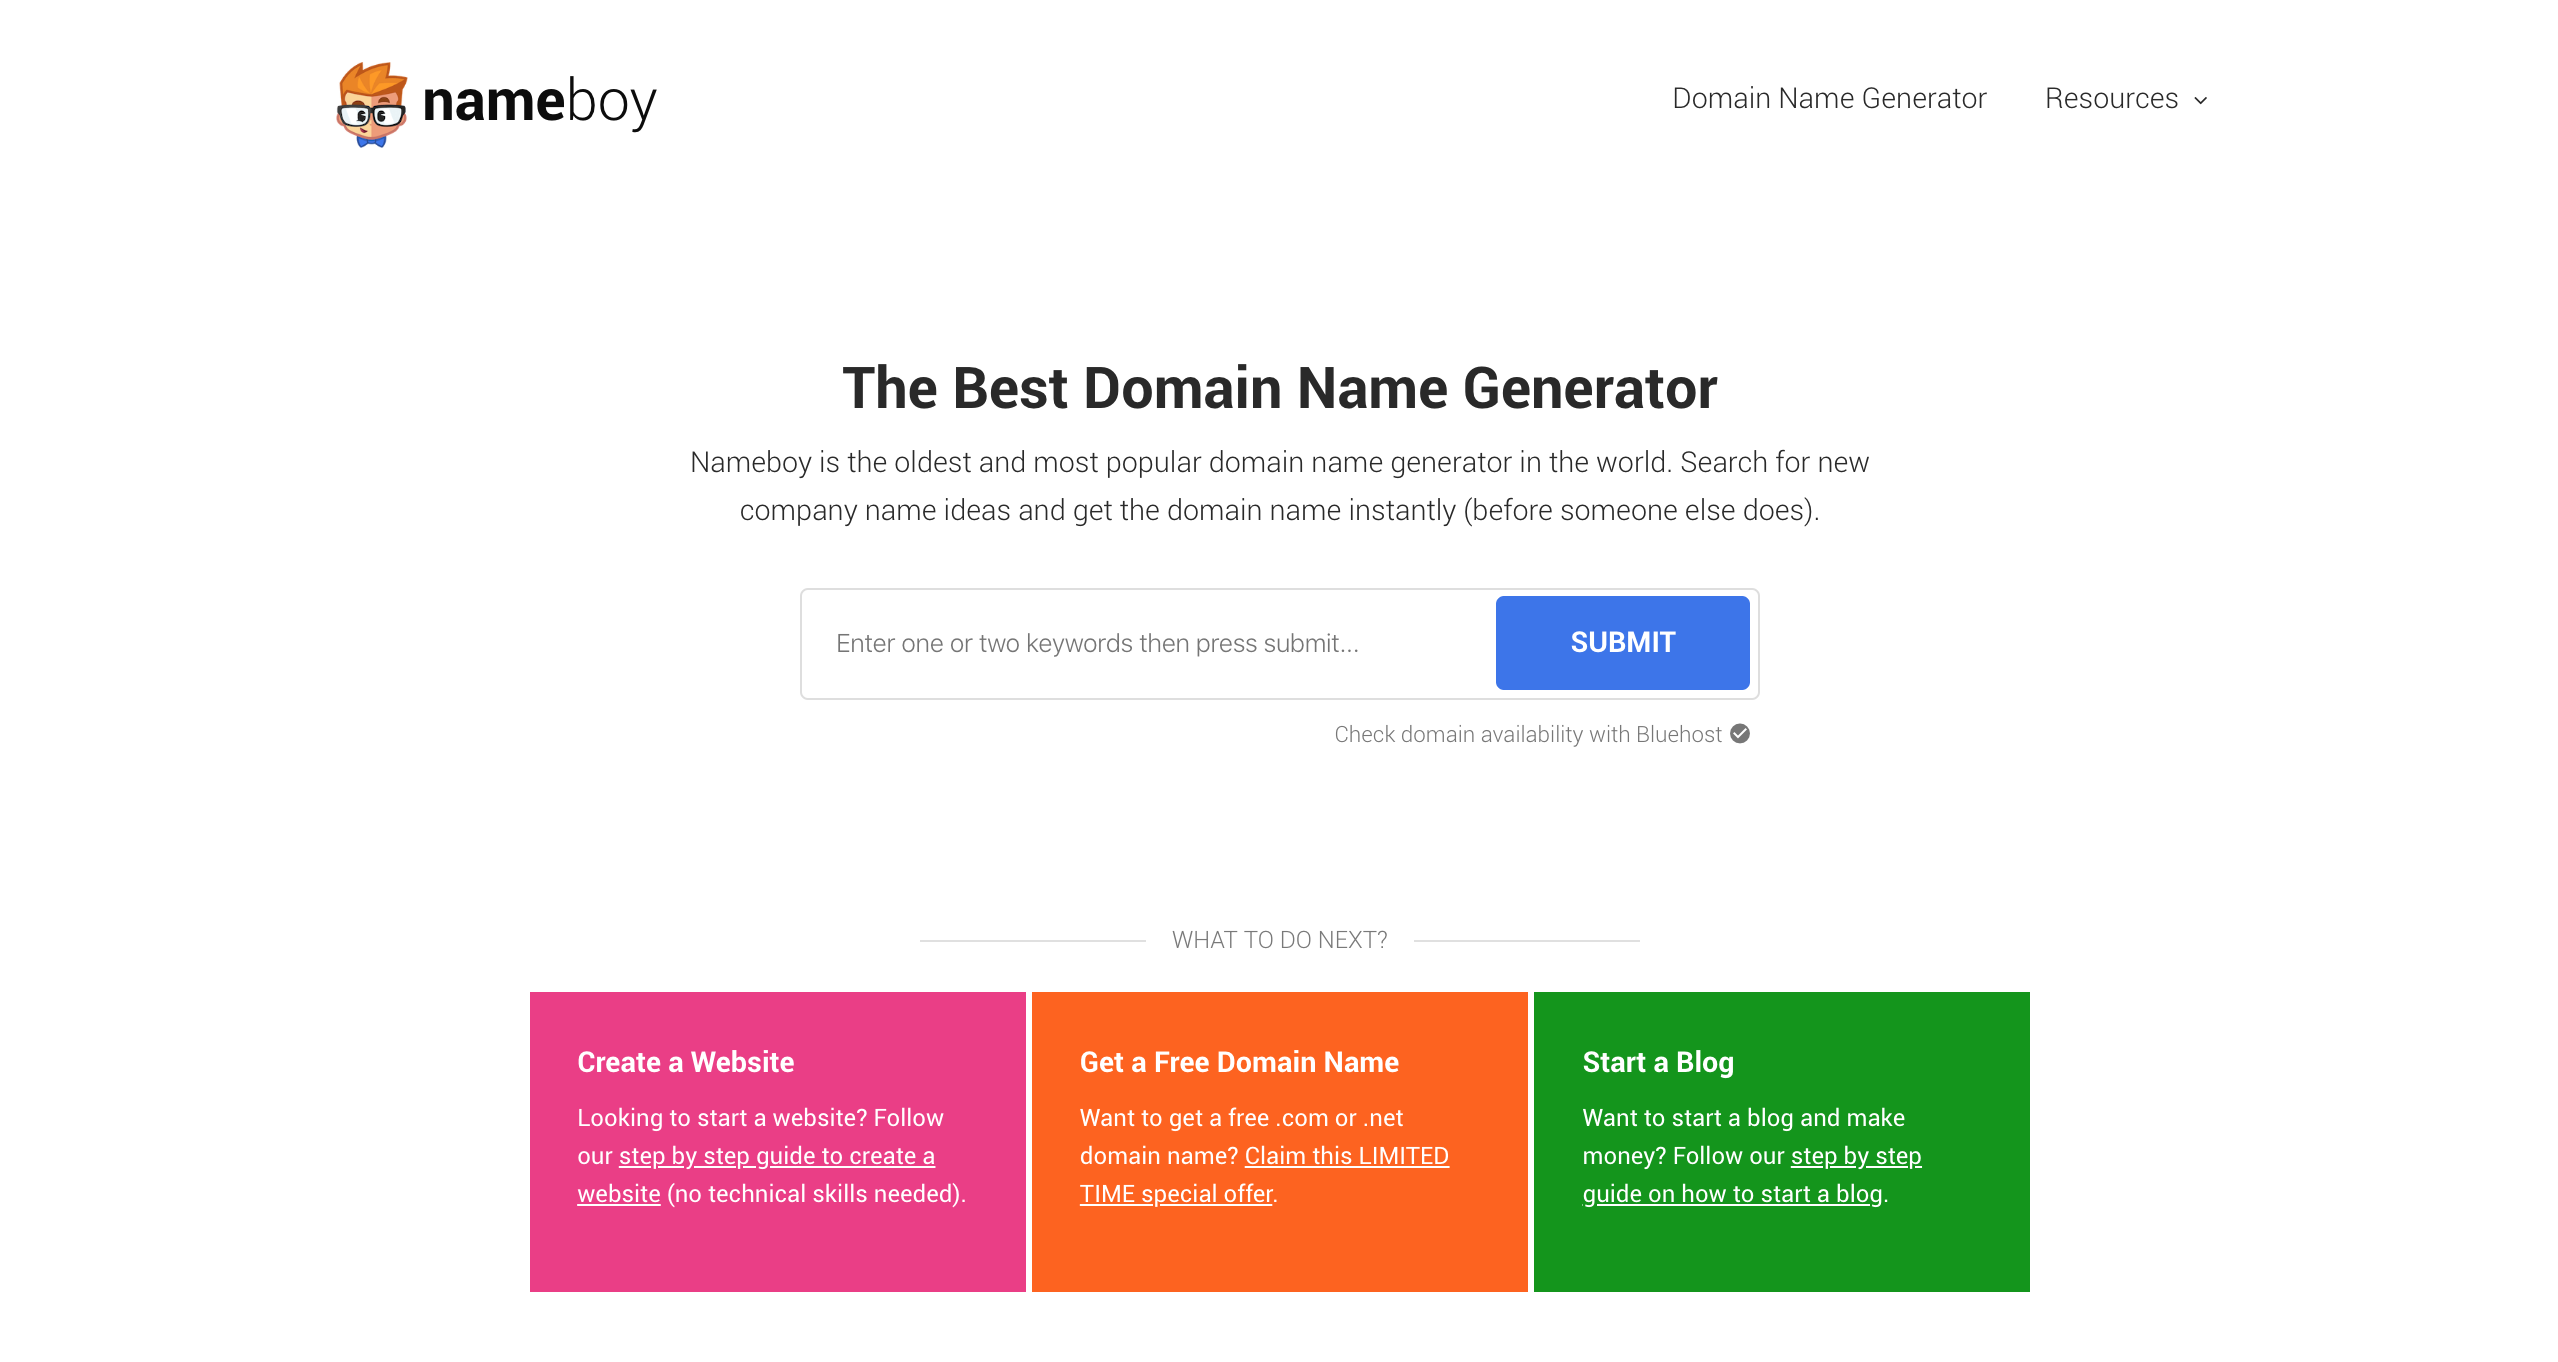 Générateur de noms de domaine et de blogs Nameboy Best